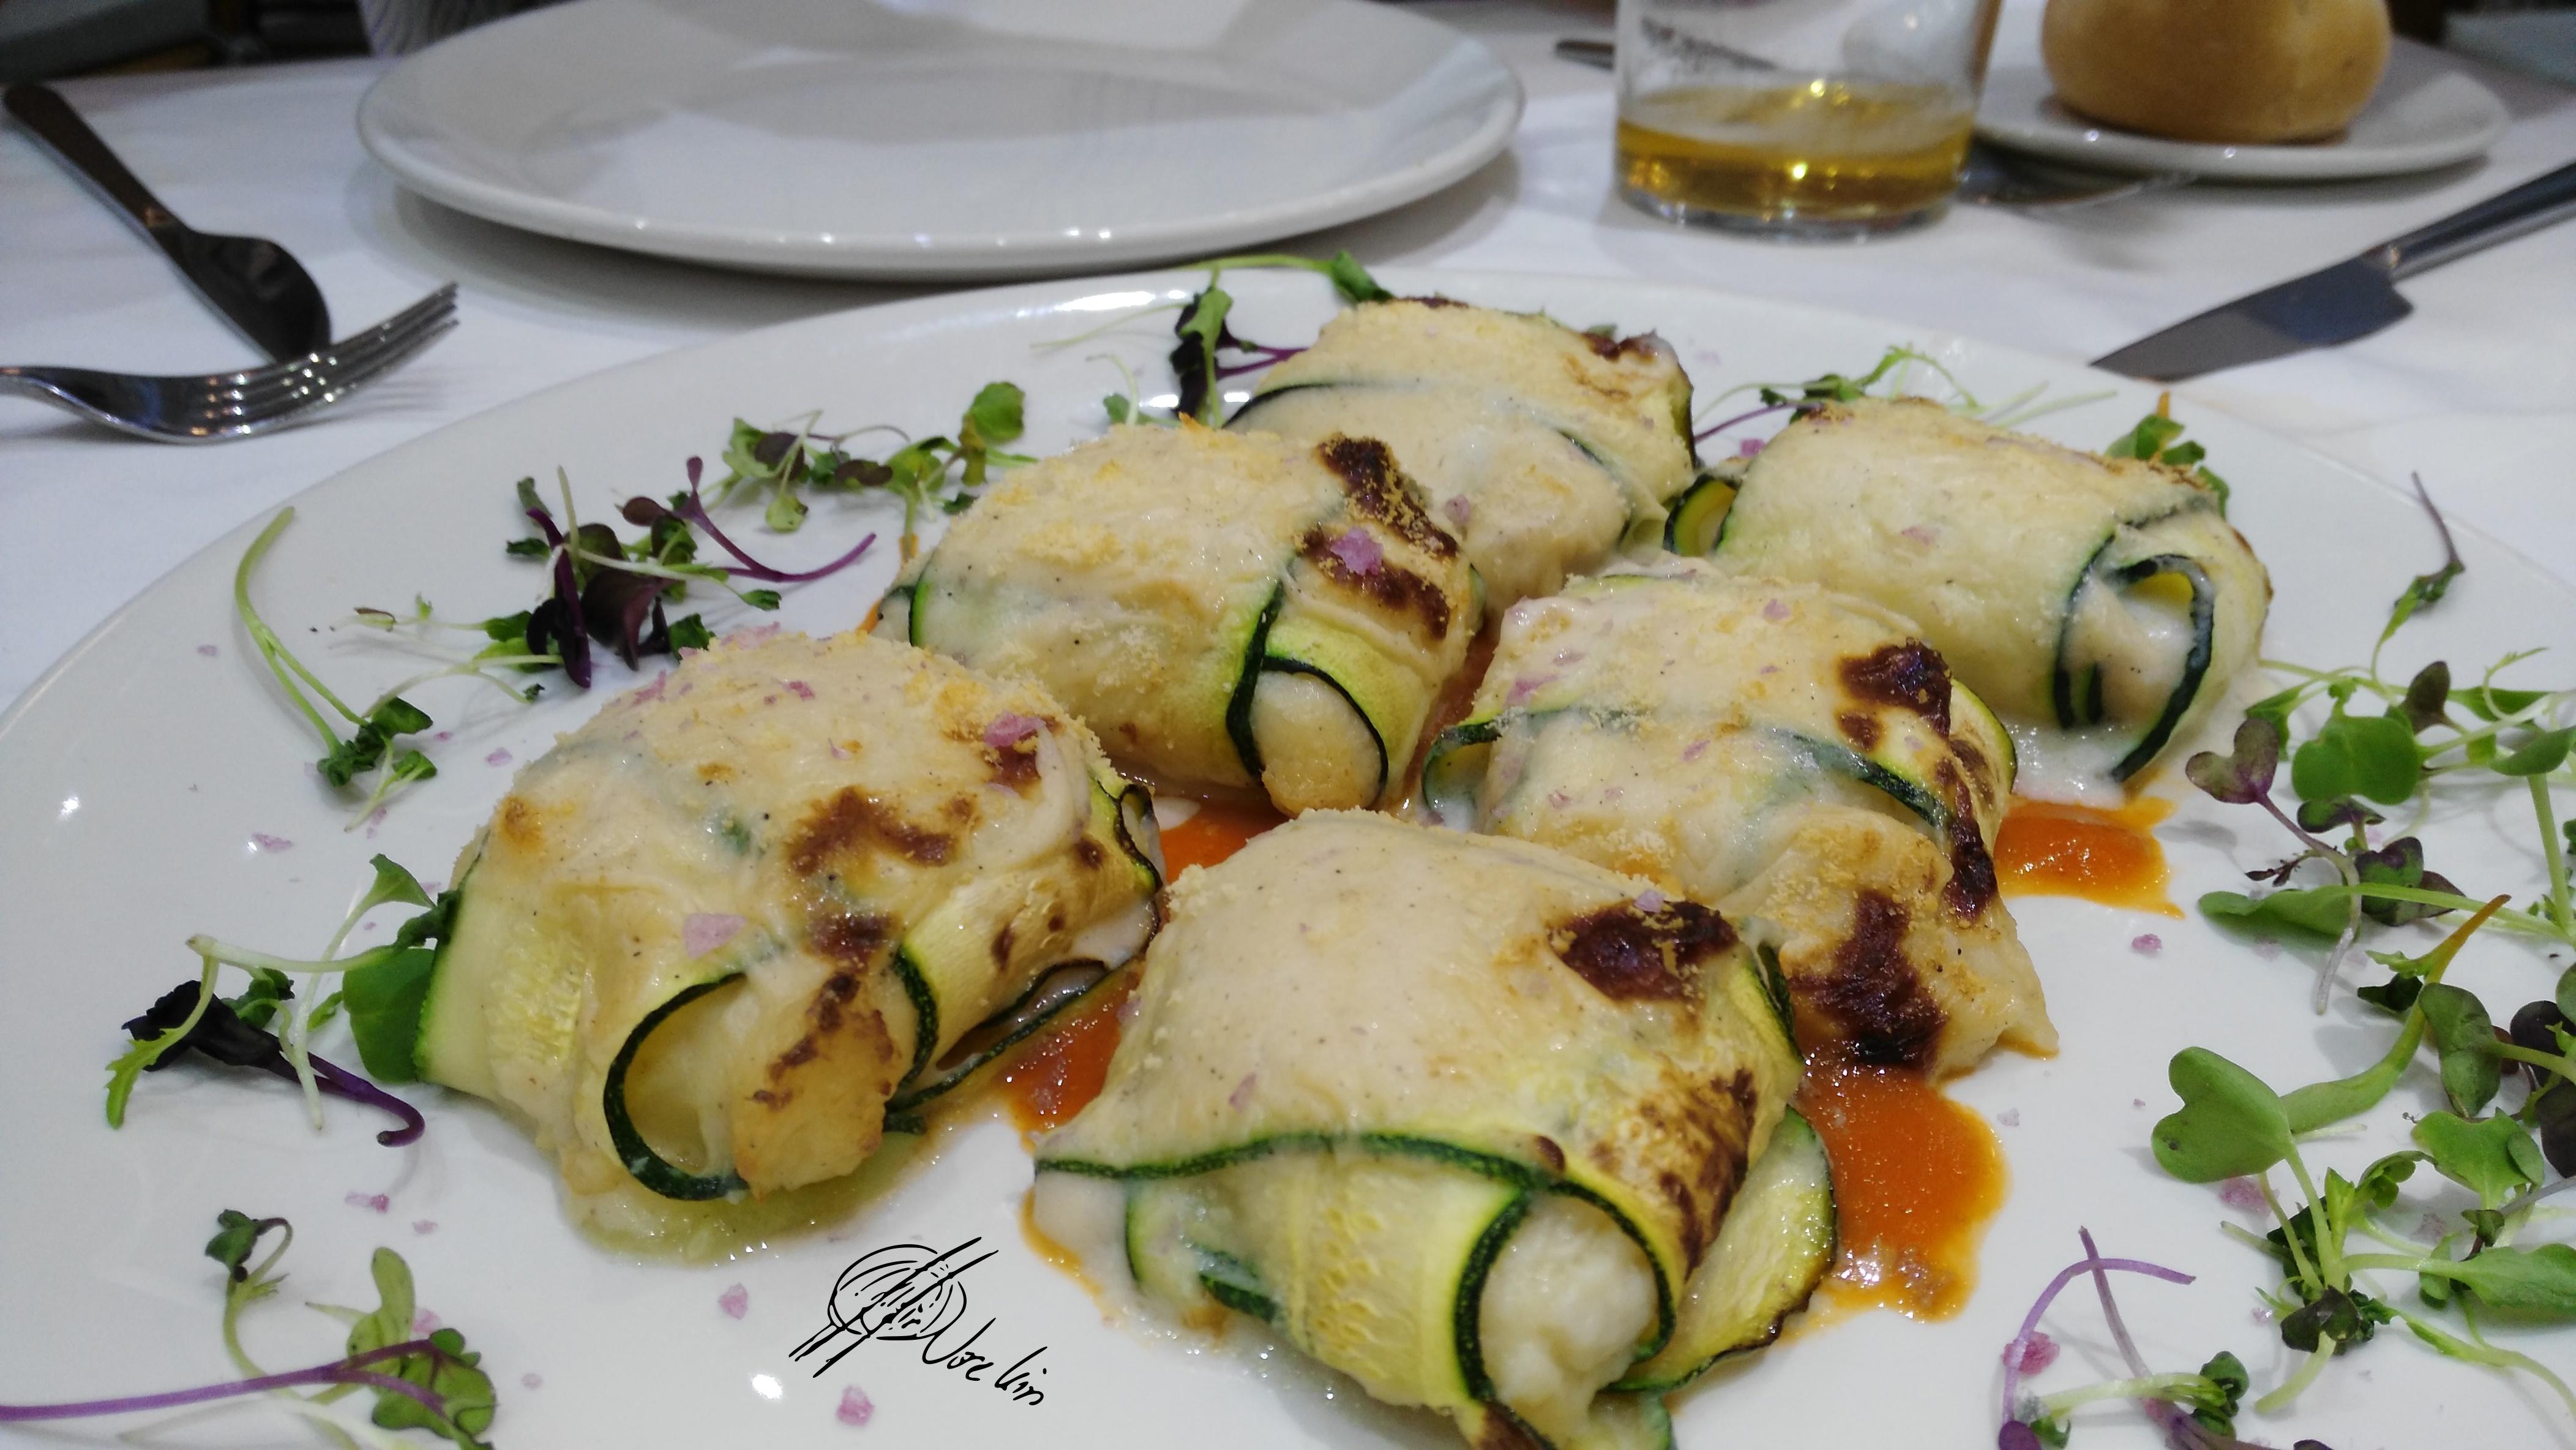 Raviolis de calabacín rellenos de queso ahumado